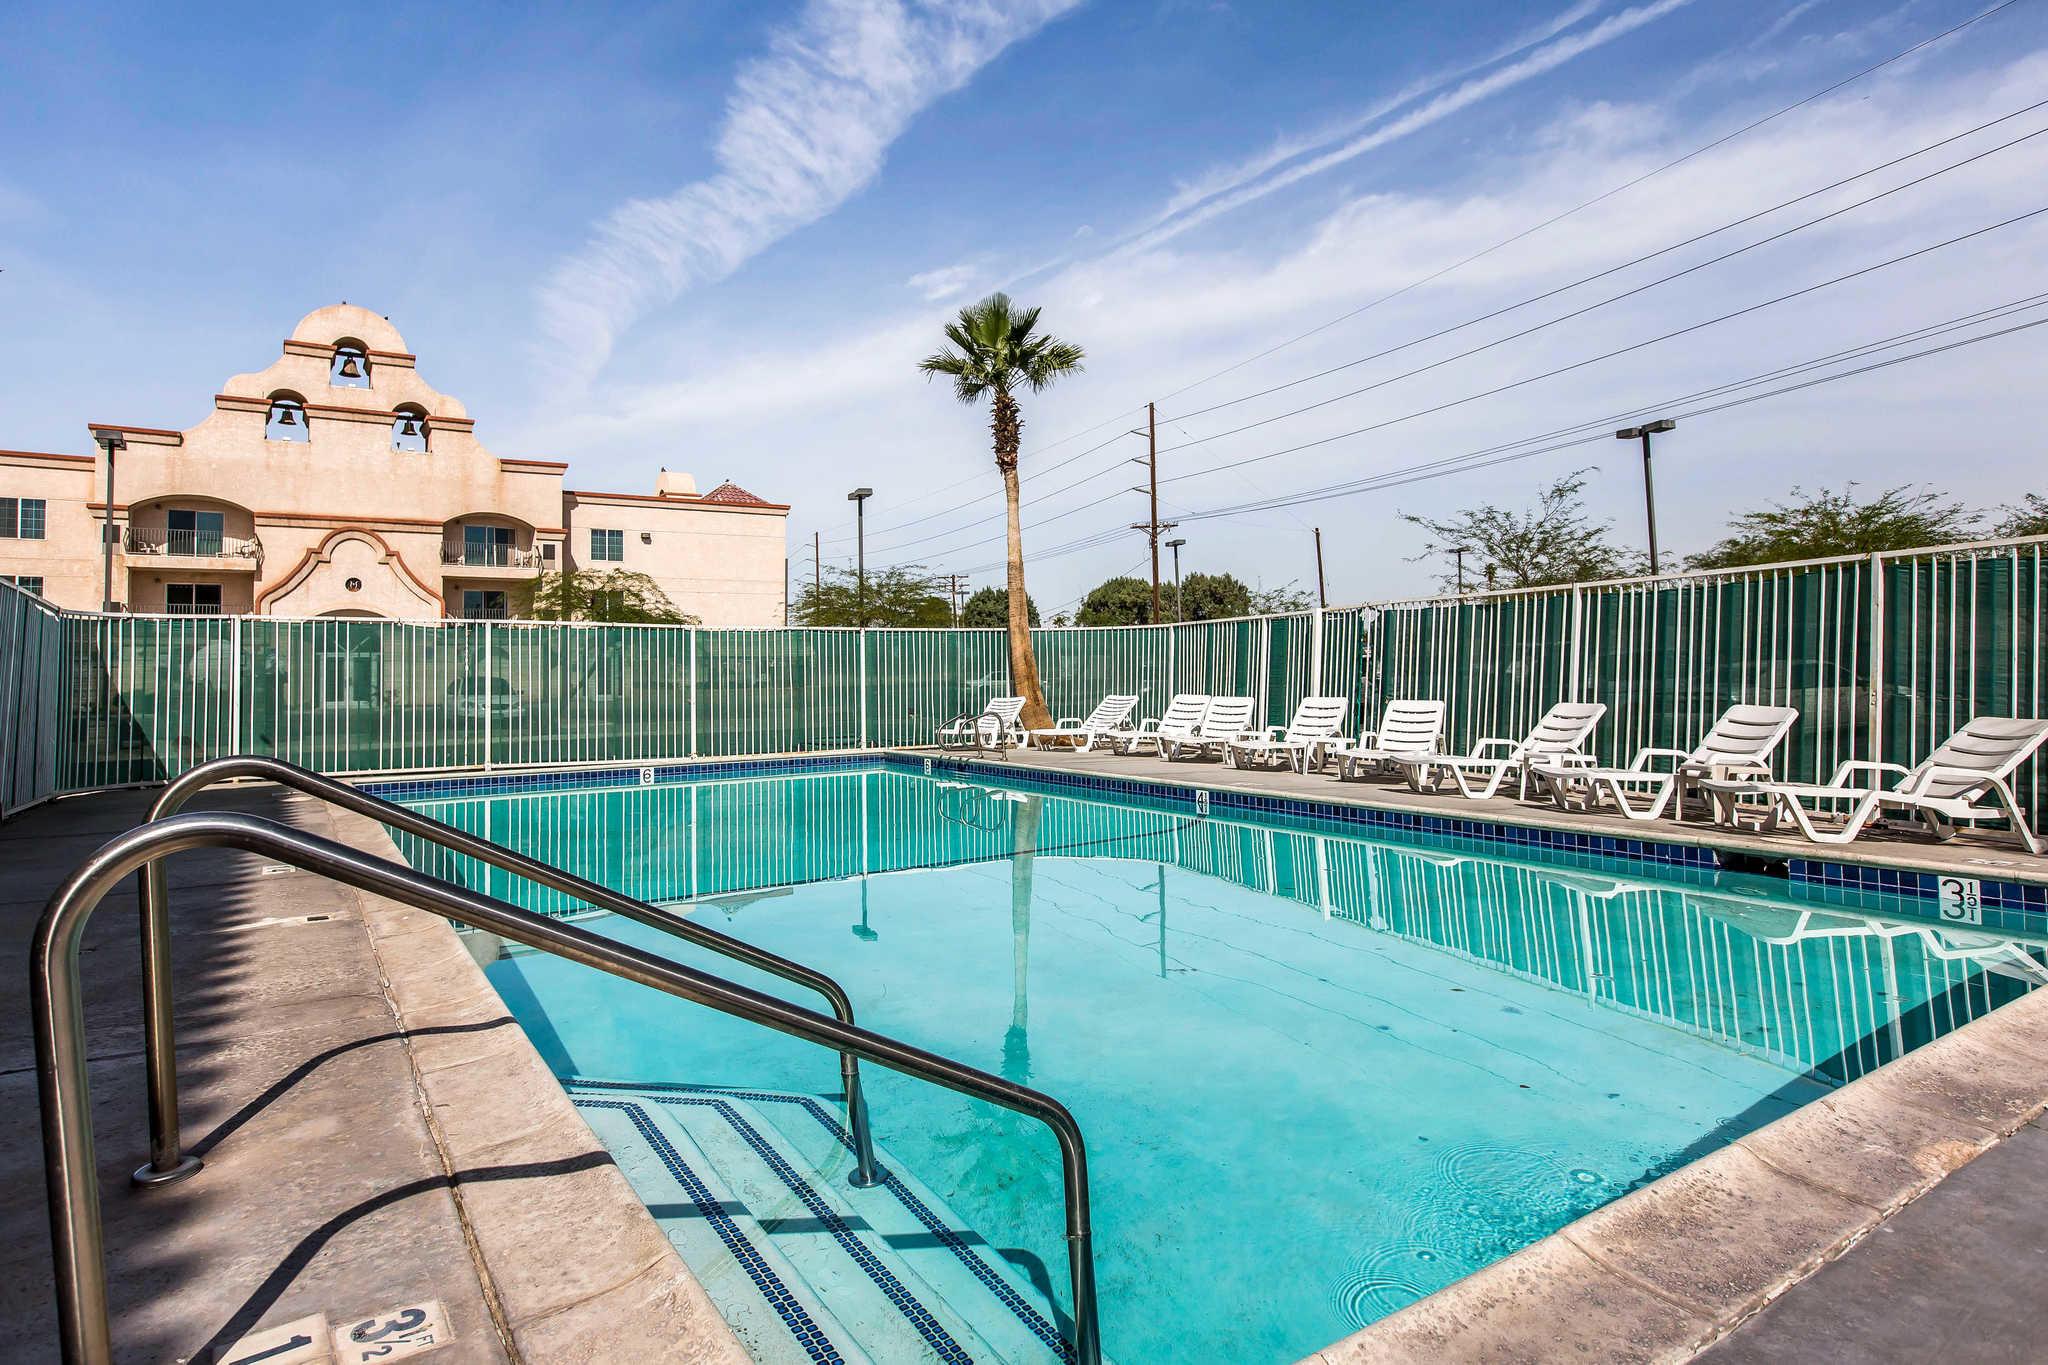 Comfort Inn & Suites El Centro I-8 image 32